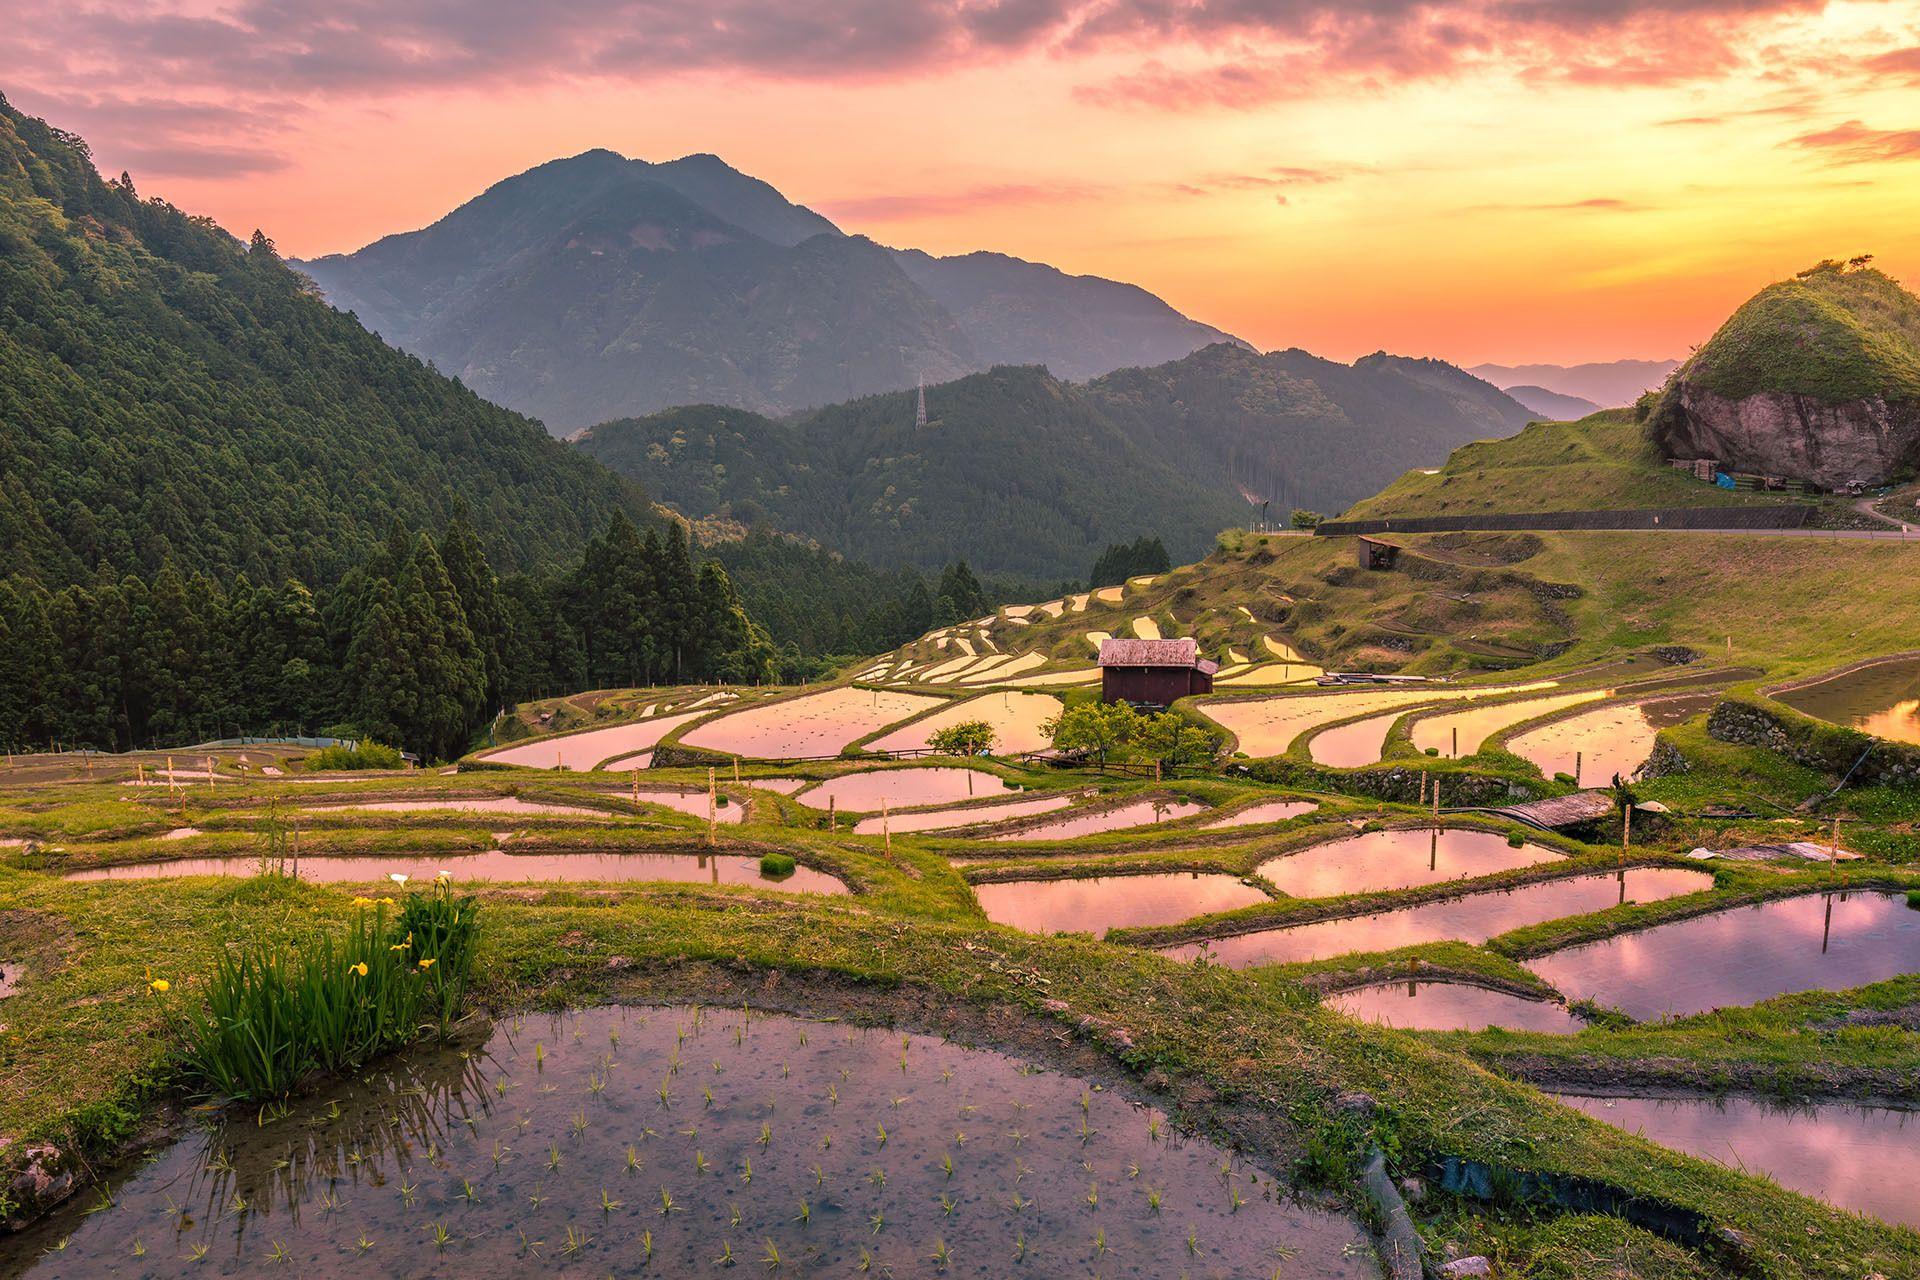 hoàng hôn-lúa-ruộng-và-núi-ở Nhật Bản